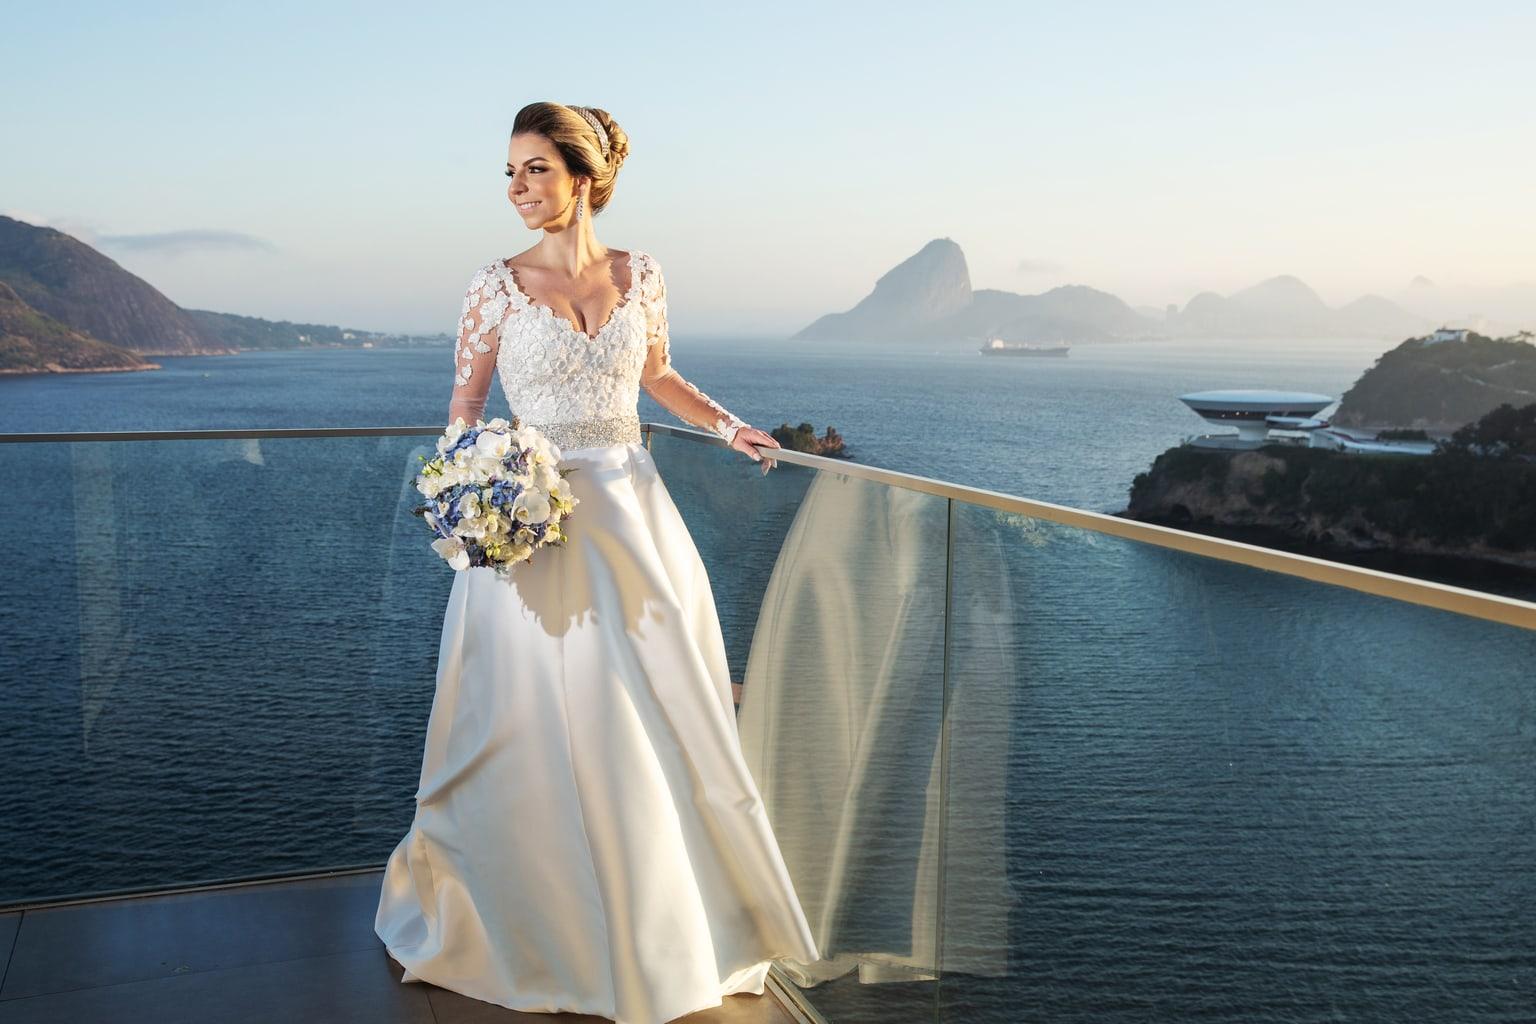 casamento-clássico-casamento-tradicional-rio-de-janeiro-niterói-Fotografia-Giovani-Garcia-casamento-Cássia-e-Daniel-4